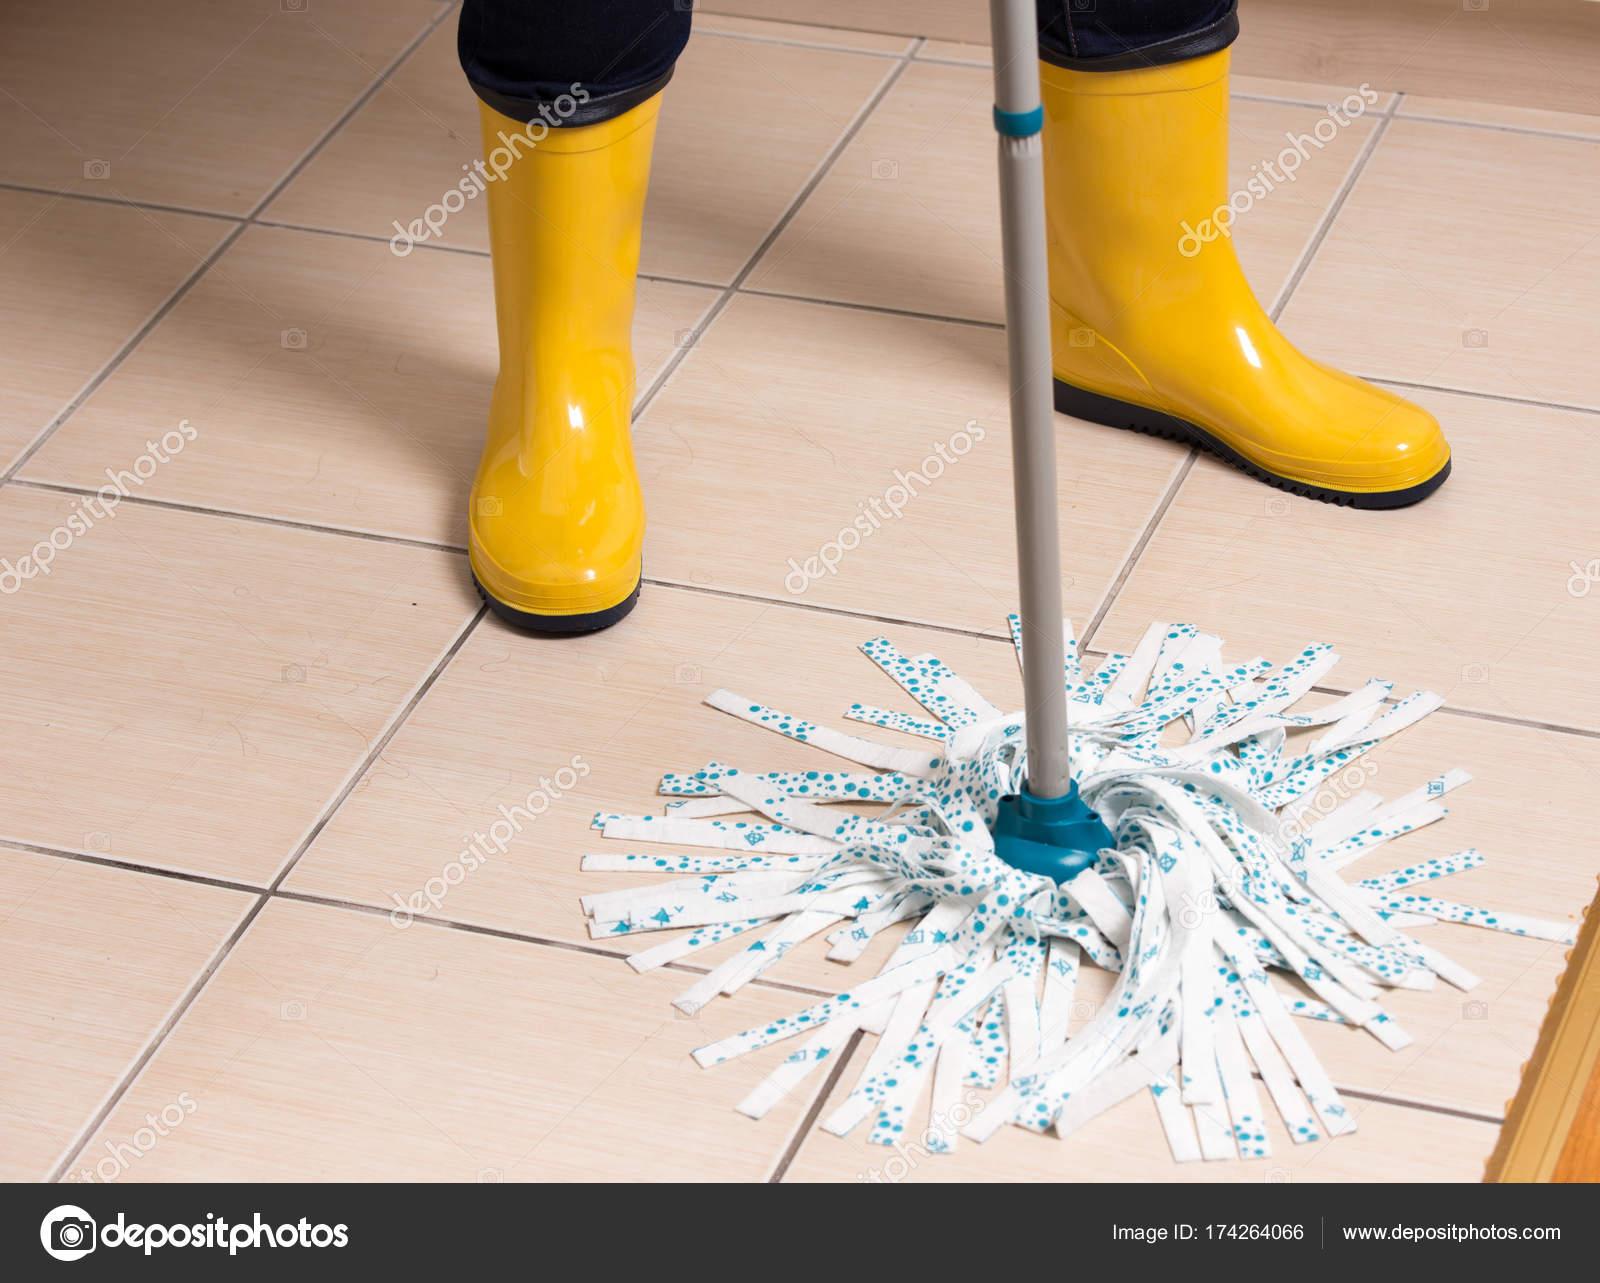 Fußboden Wischen ~ Haushälterin gefliesten fußboden wischen u stockfoto budabar